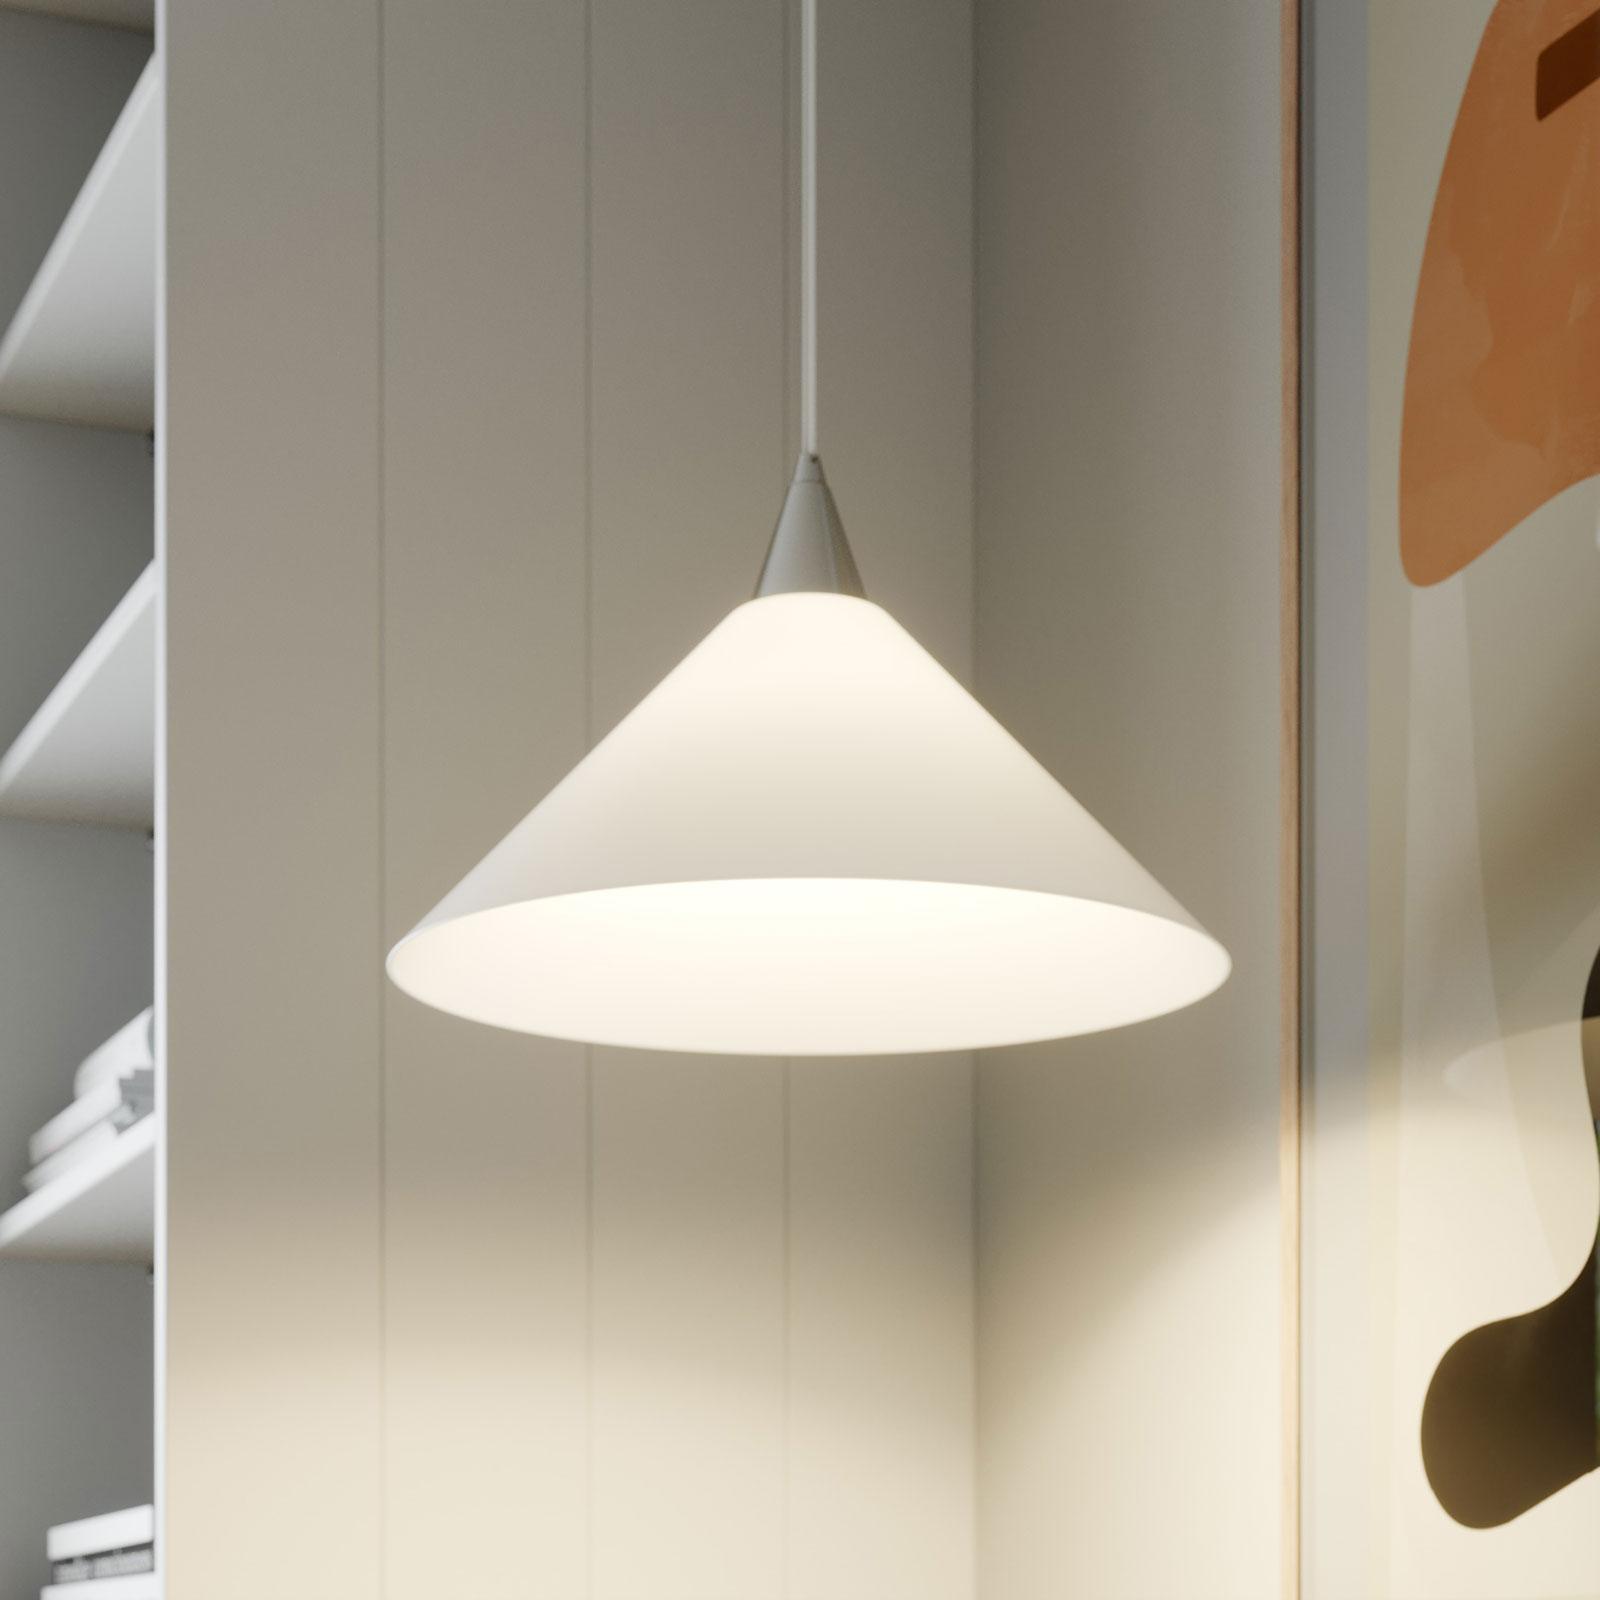 Decentná sklenená závesná lampa Petra_9621038_1